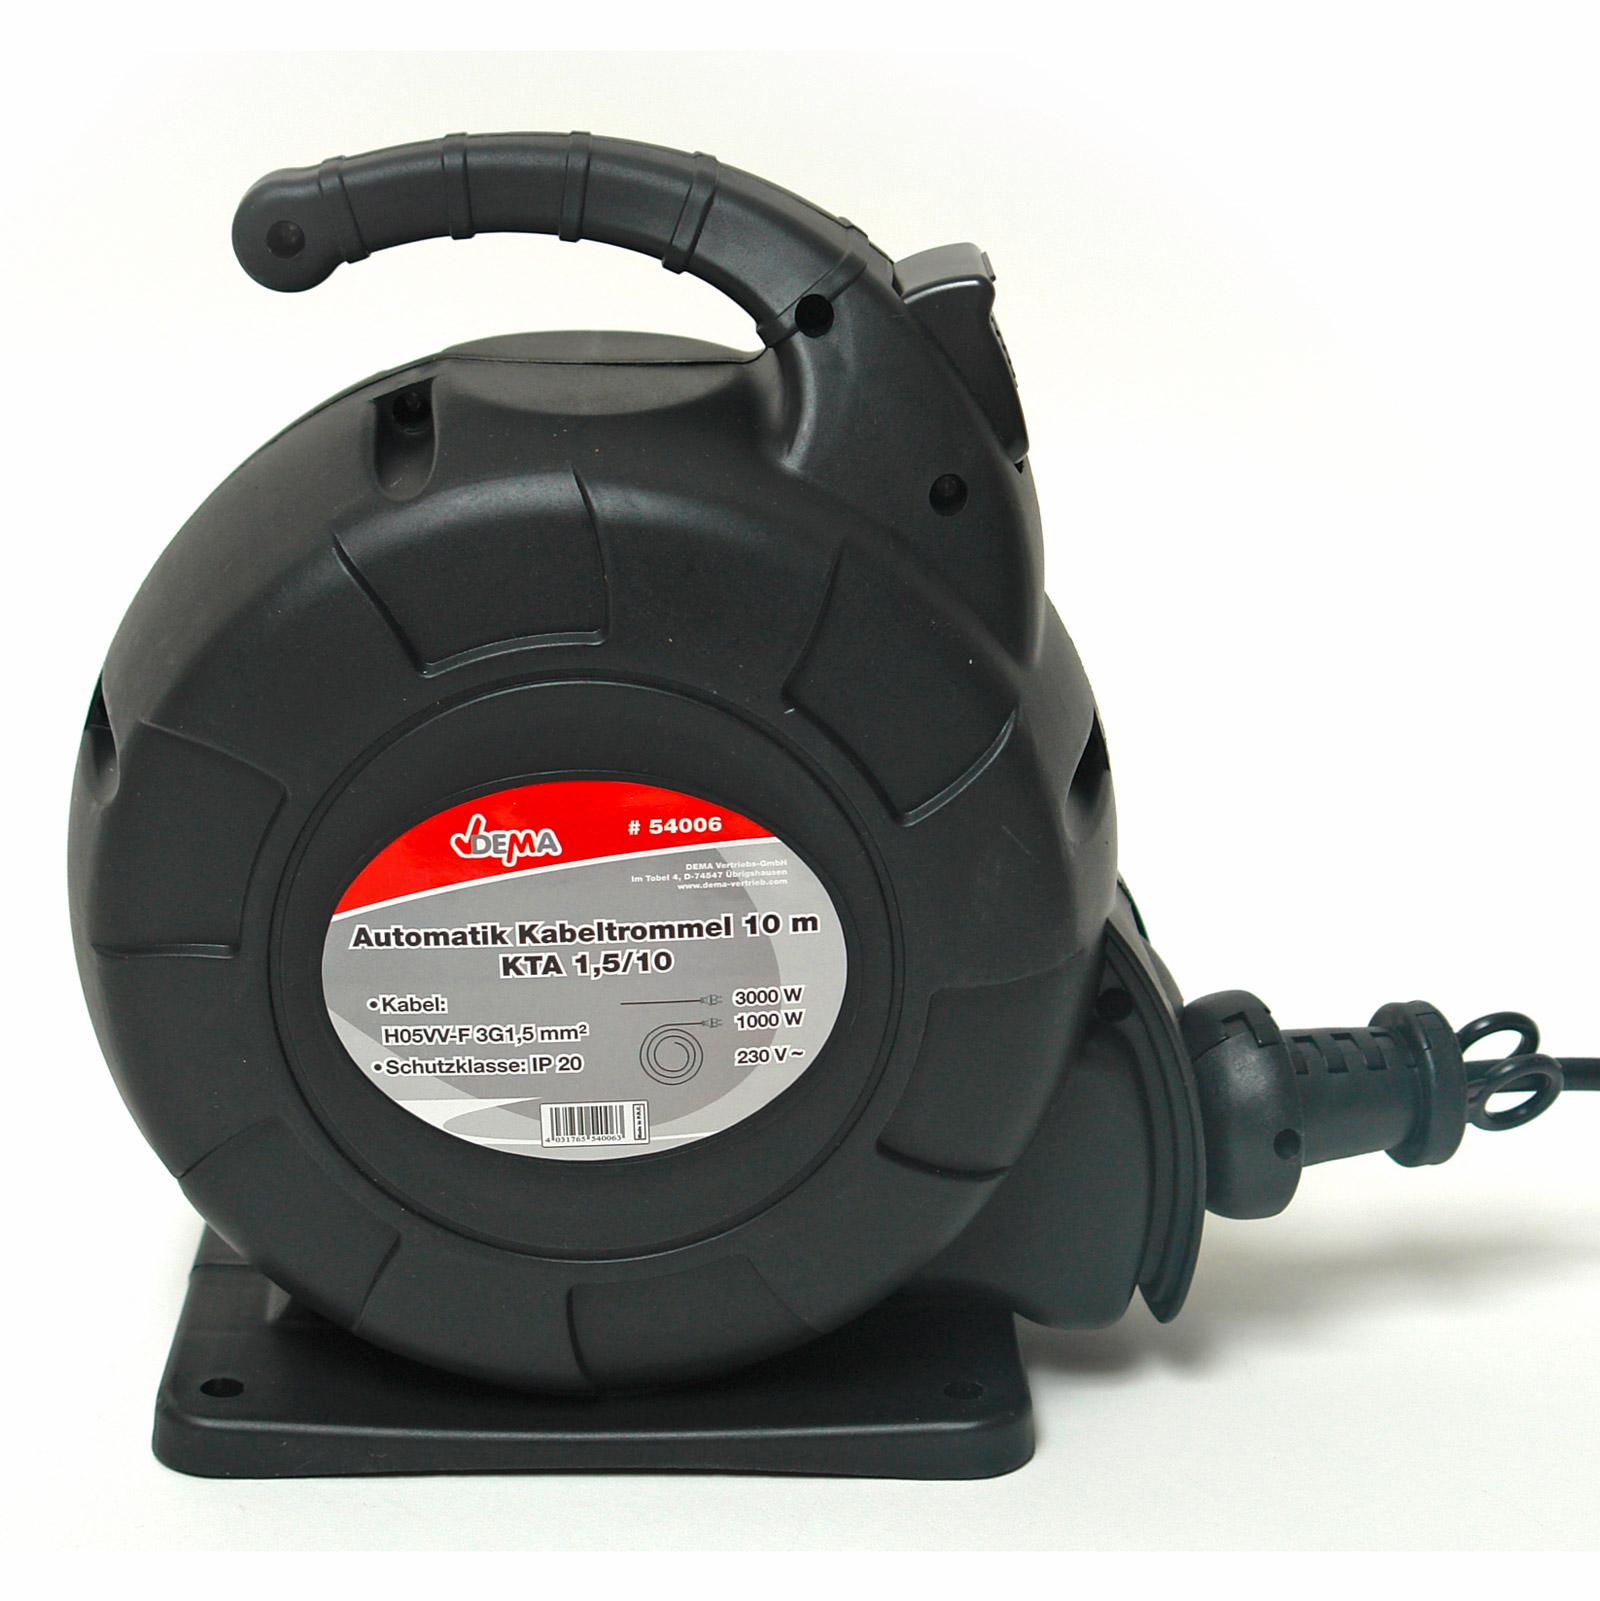 automatik kabeltrommel kabelbox 10m h05vvf 3x1 5 917550 ebay. Black Bedroom Furniture Sets. Home Design Ideas